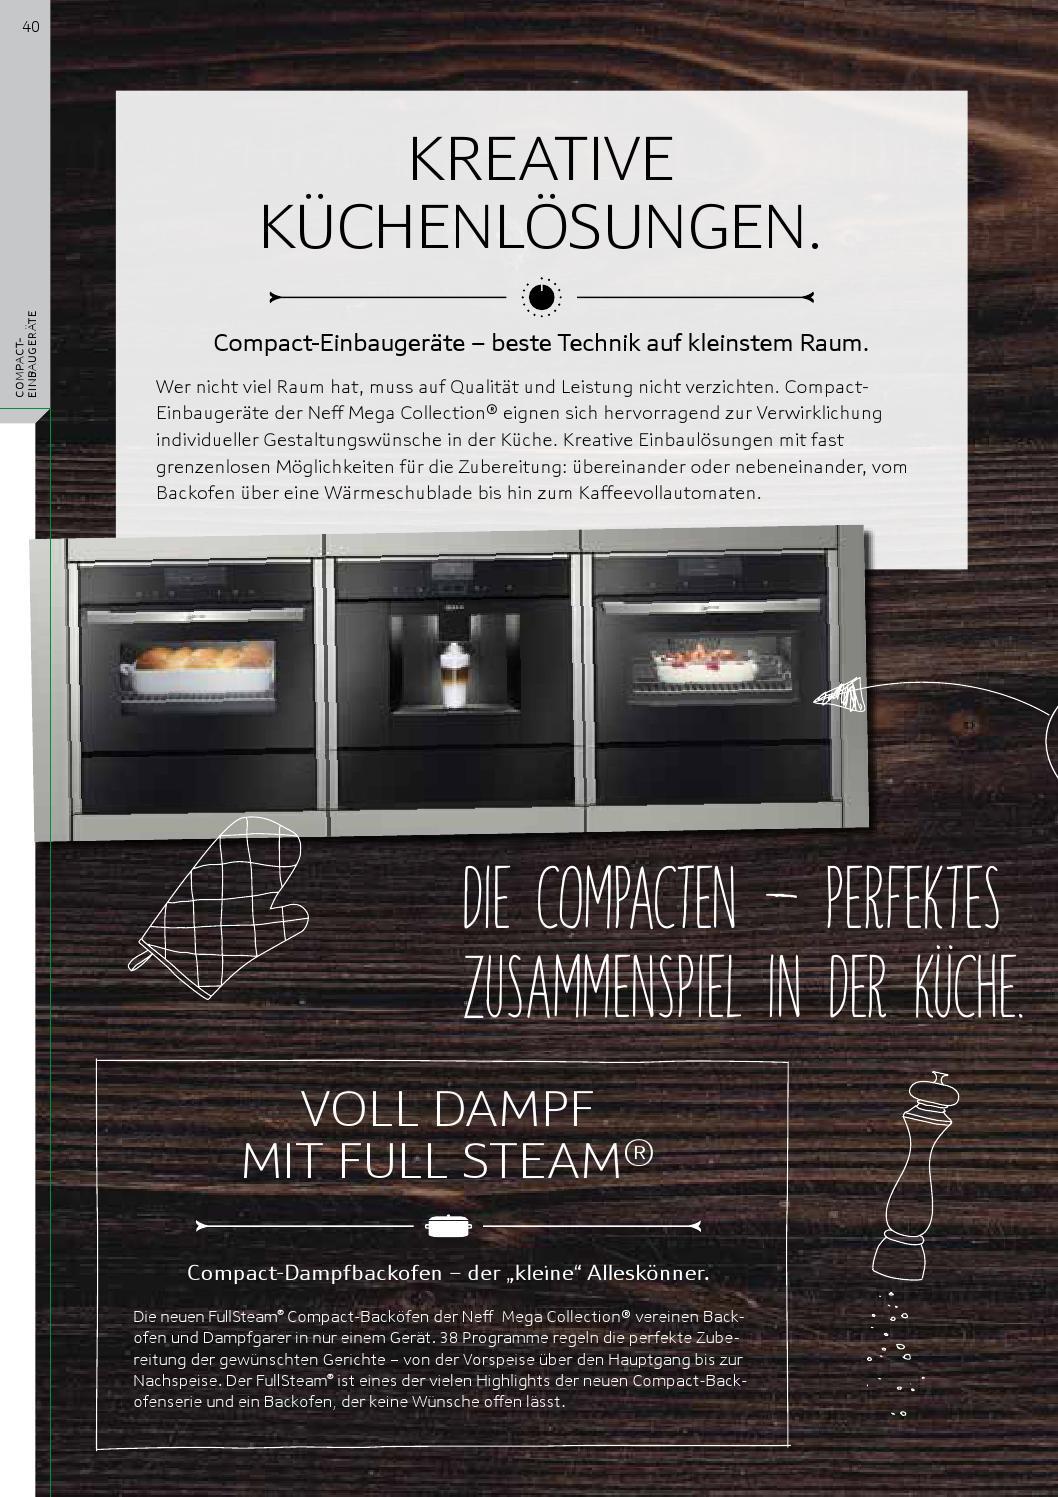 das neue neff megacollection programm 2014 2015 by neff sterreich issuu. Black Bedroom Furniture Sets. Home Design Ideas